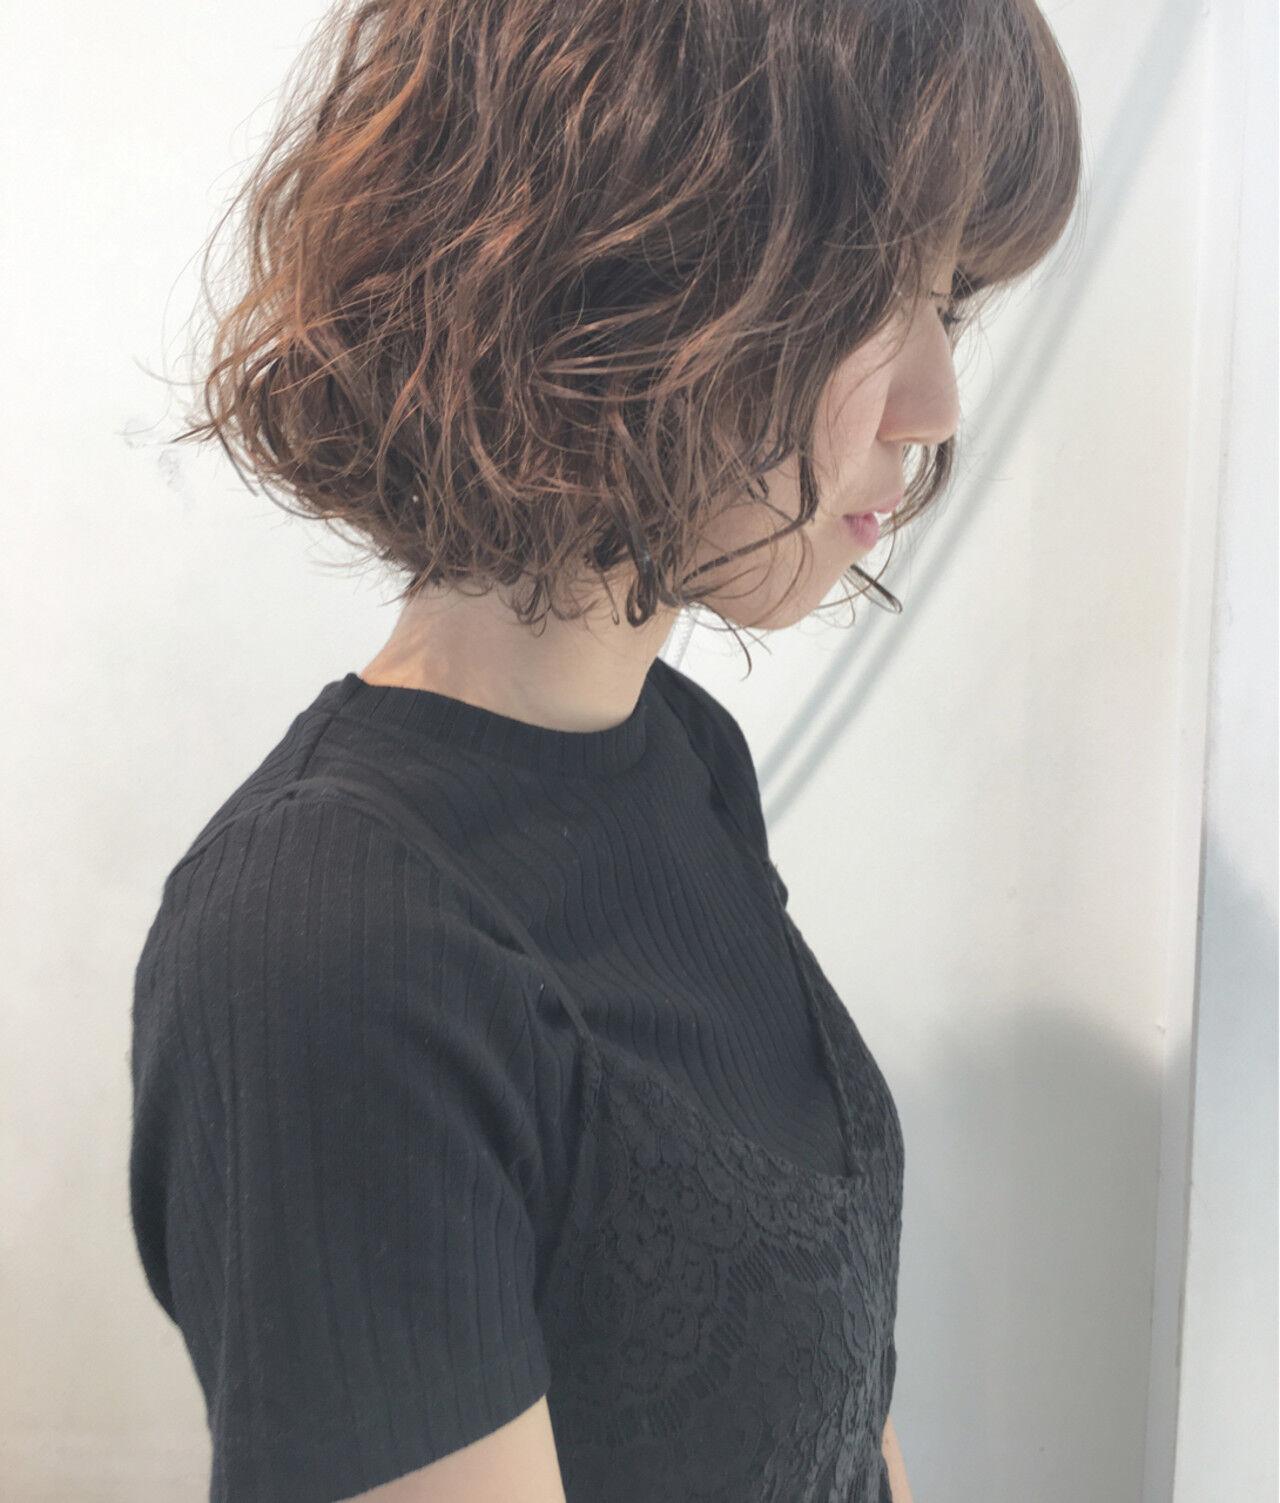 パーマ ボブ 前髪あり アンニュイヘアスタイルや髪型の写真・画像